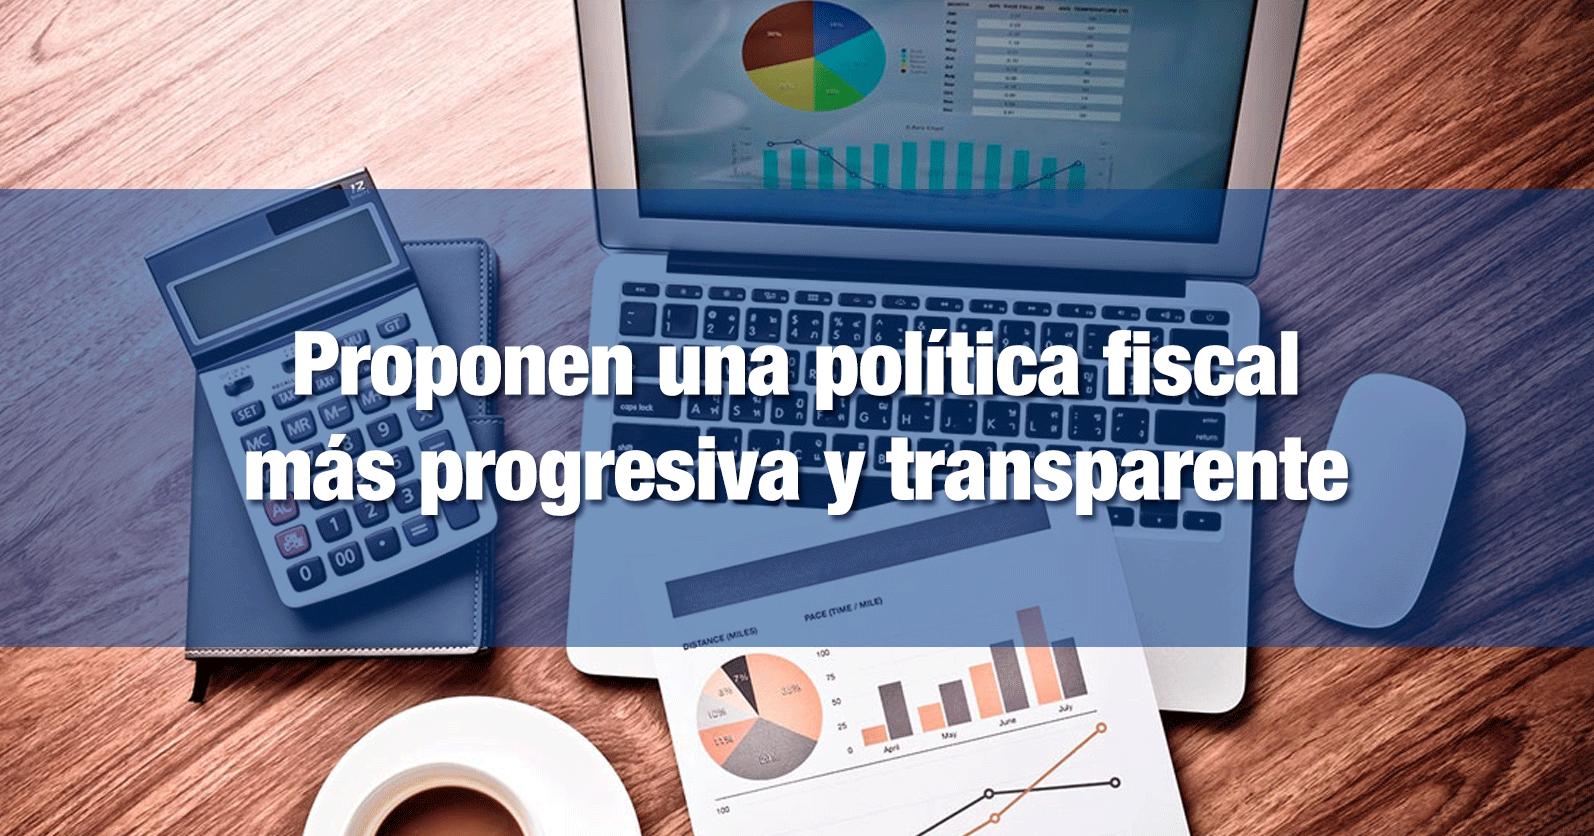 Proponen una política fiscal más progresiva y transparente